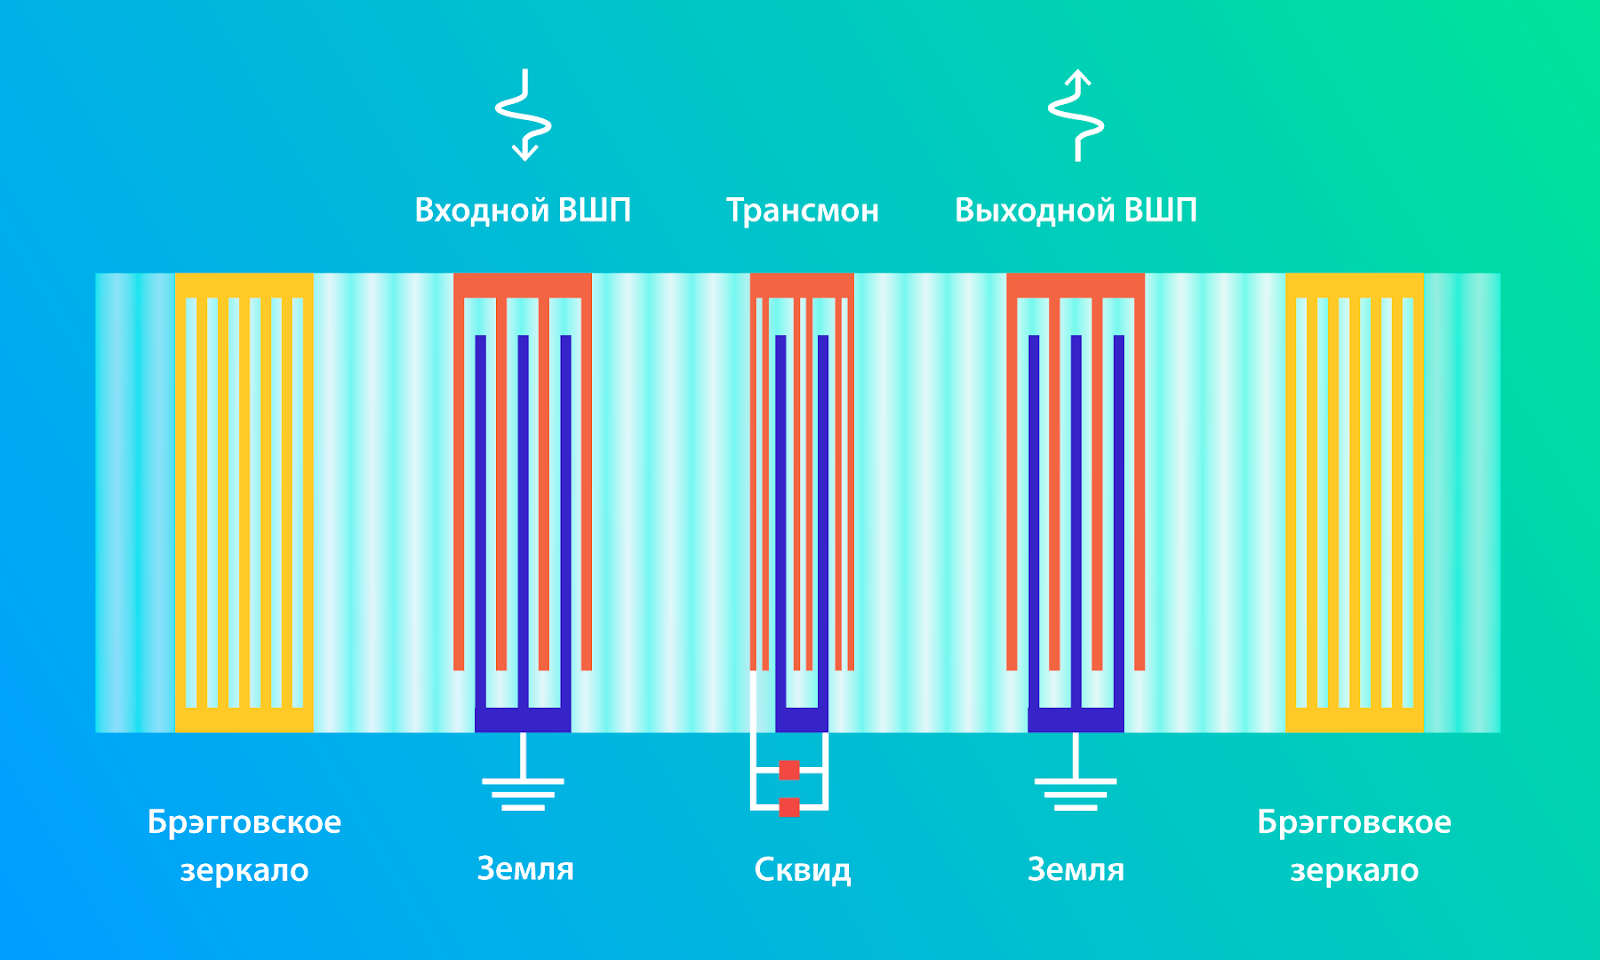 квантовый чип